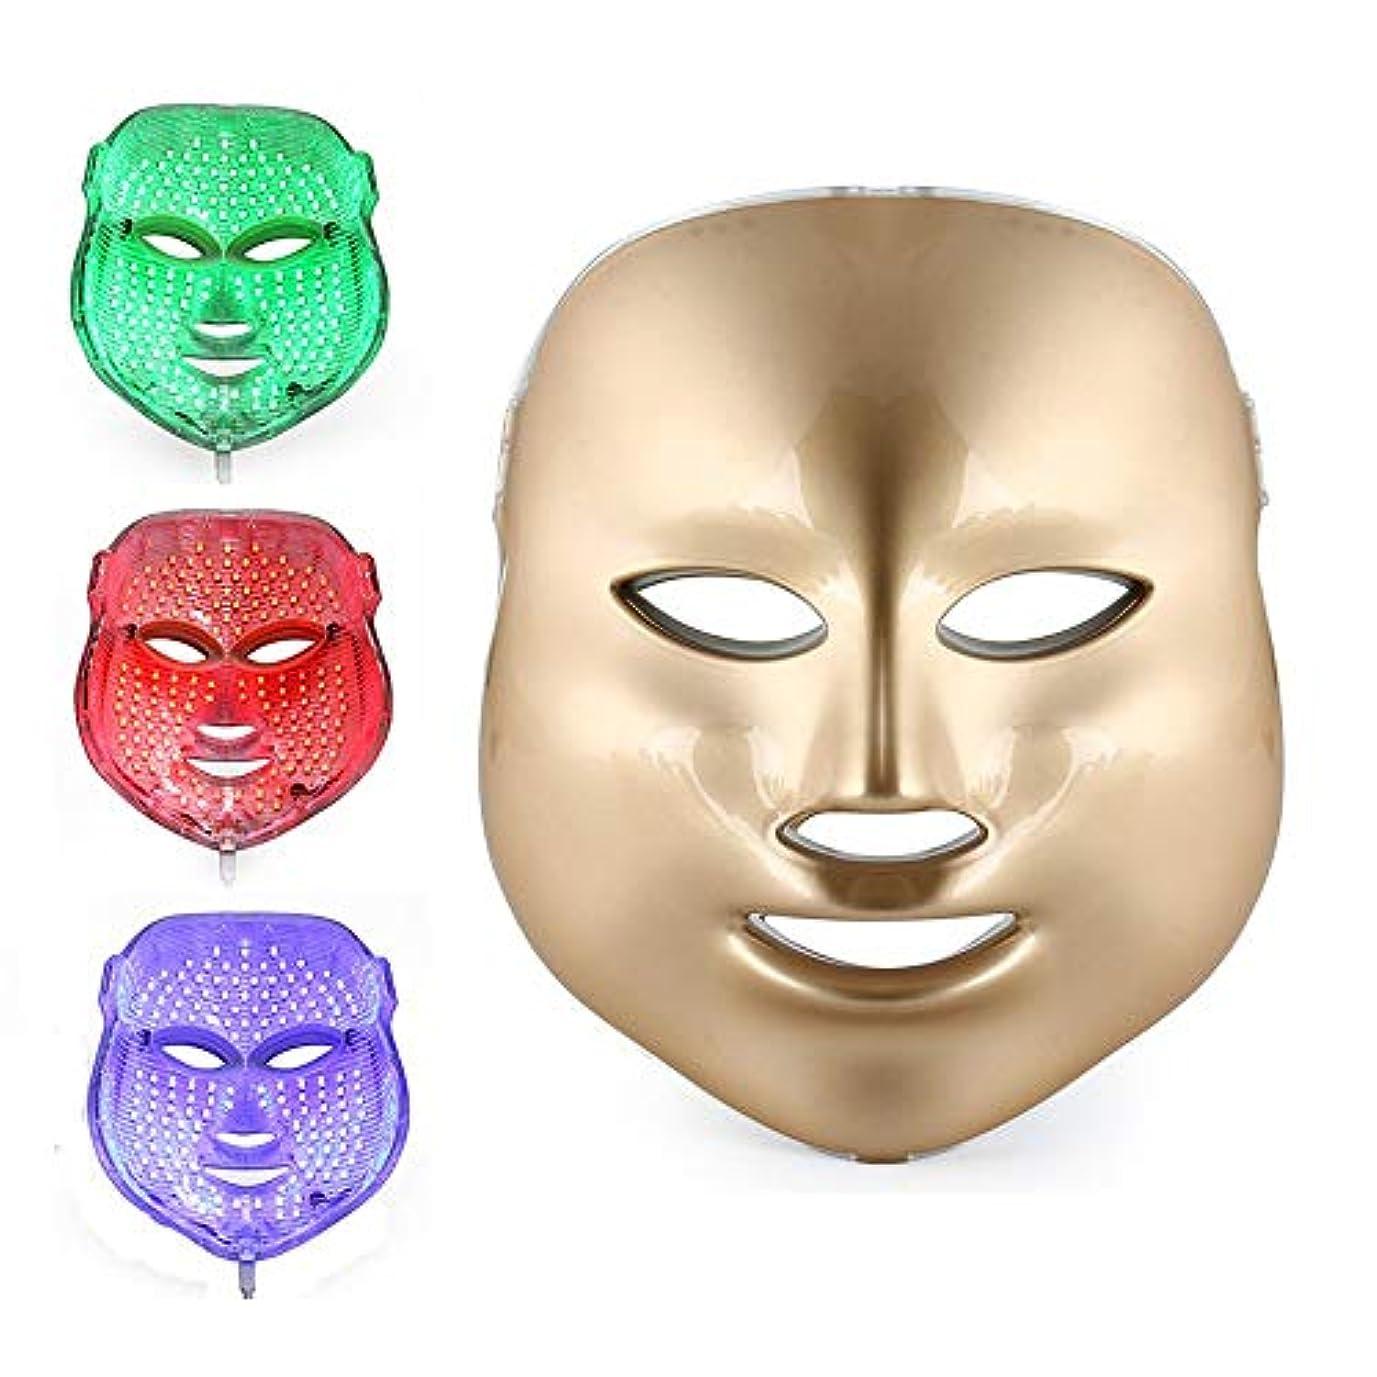 泥フルート平和なフォトンセラピー3色LEDマスクゴールドLEDライトセラピートリートメントフェイシャルビューティースキンケアにきびしわホワイトニング用フォトンセラピーマスク